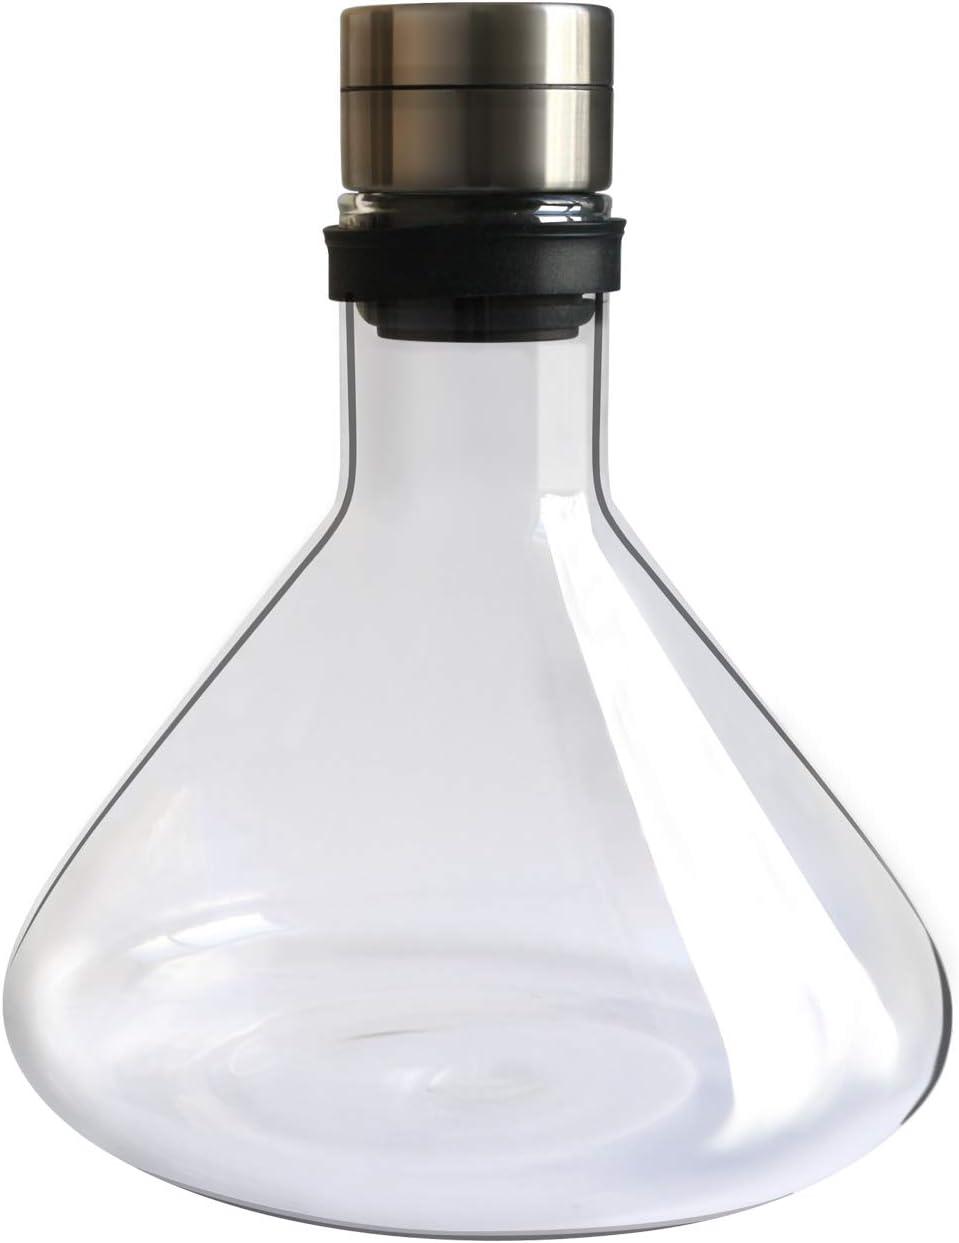 IDEALUX 100% Hand Blown Max 44% OFF Wine Lead-free Borosilicate Store Decanter Gl